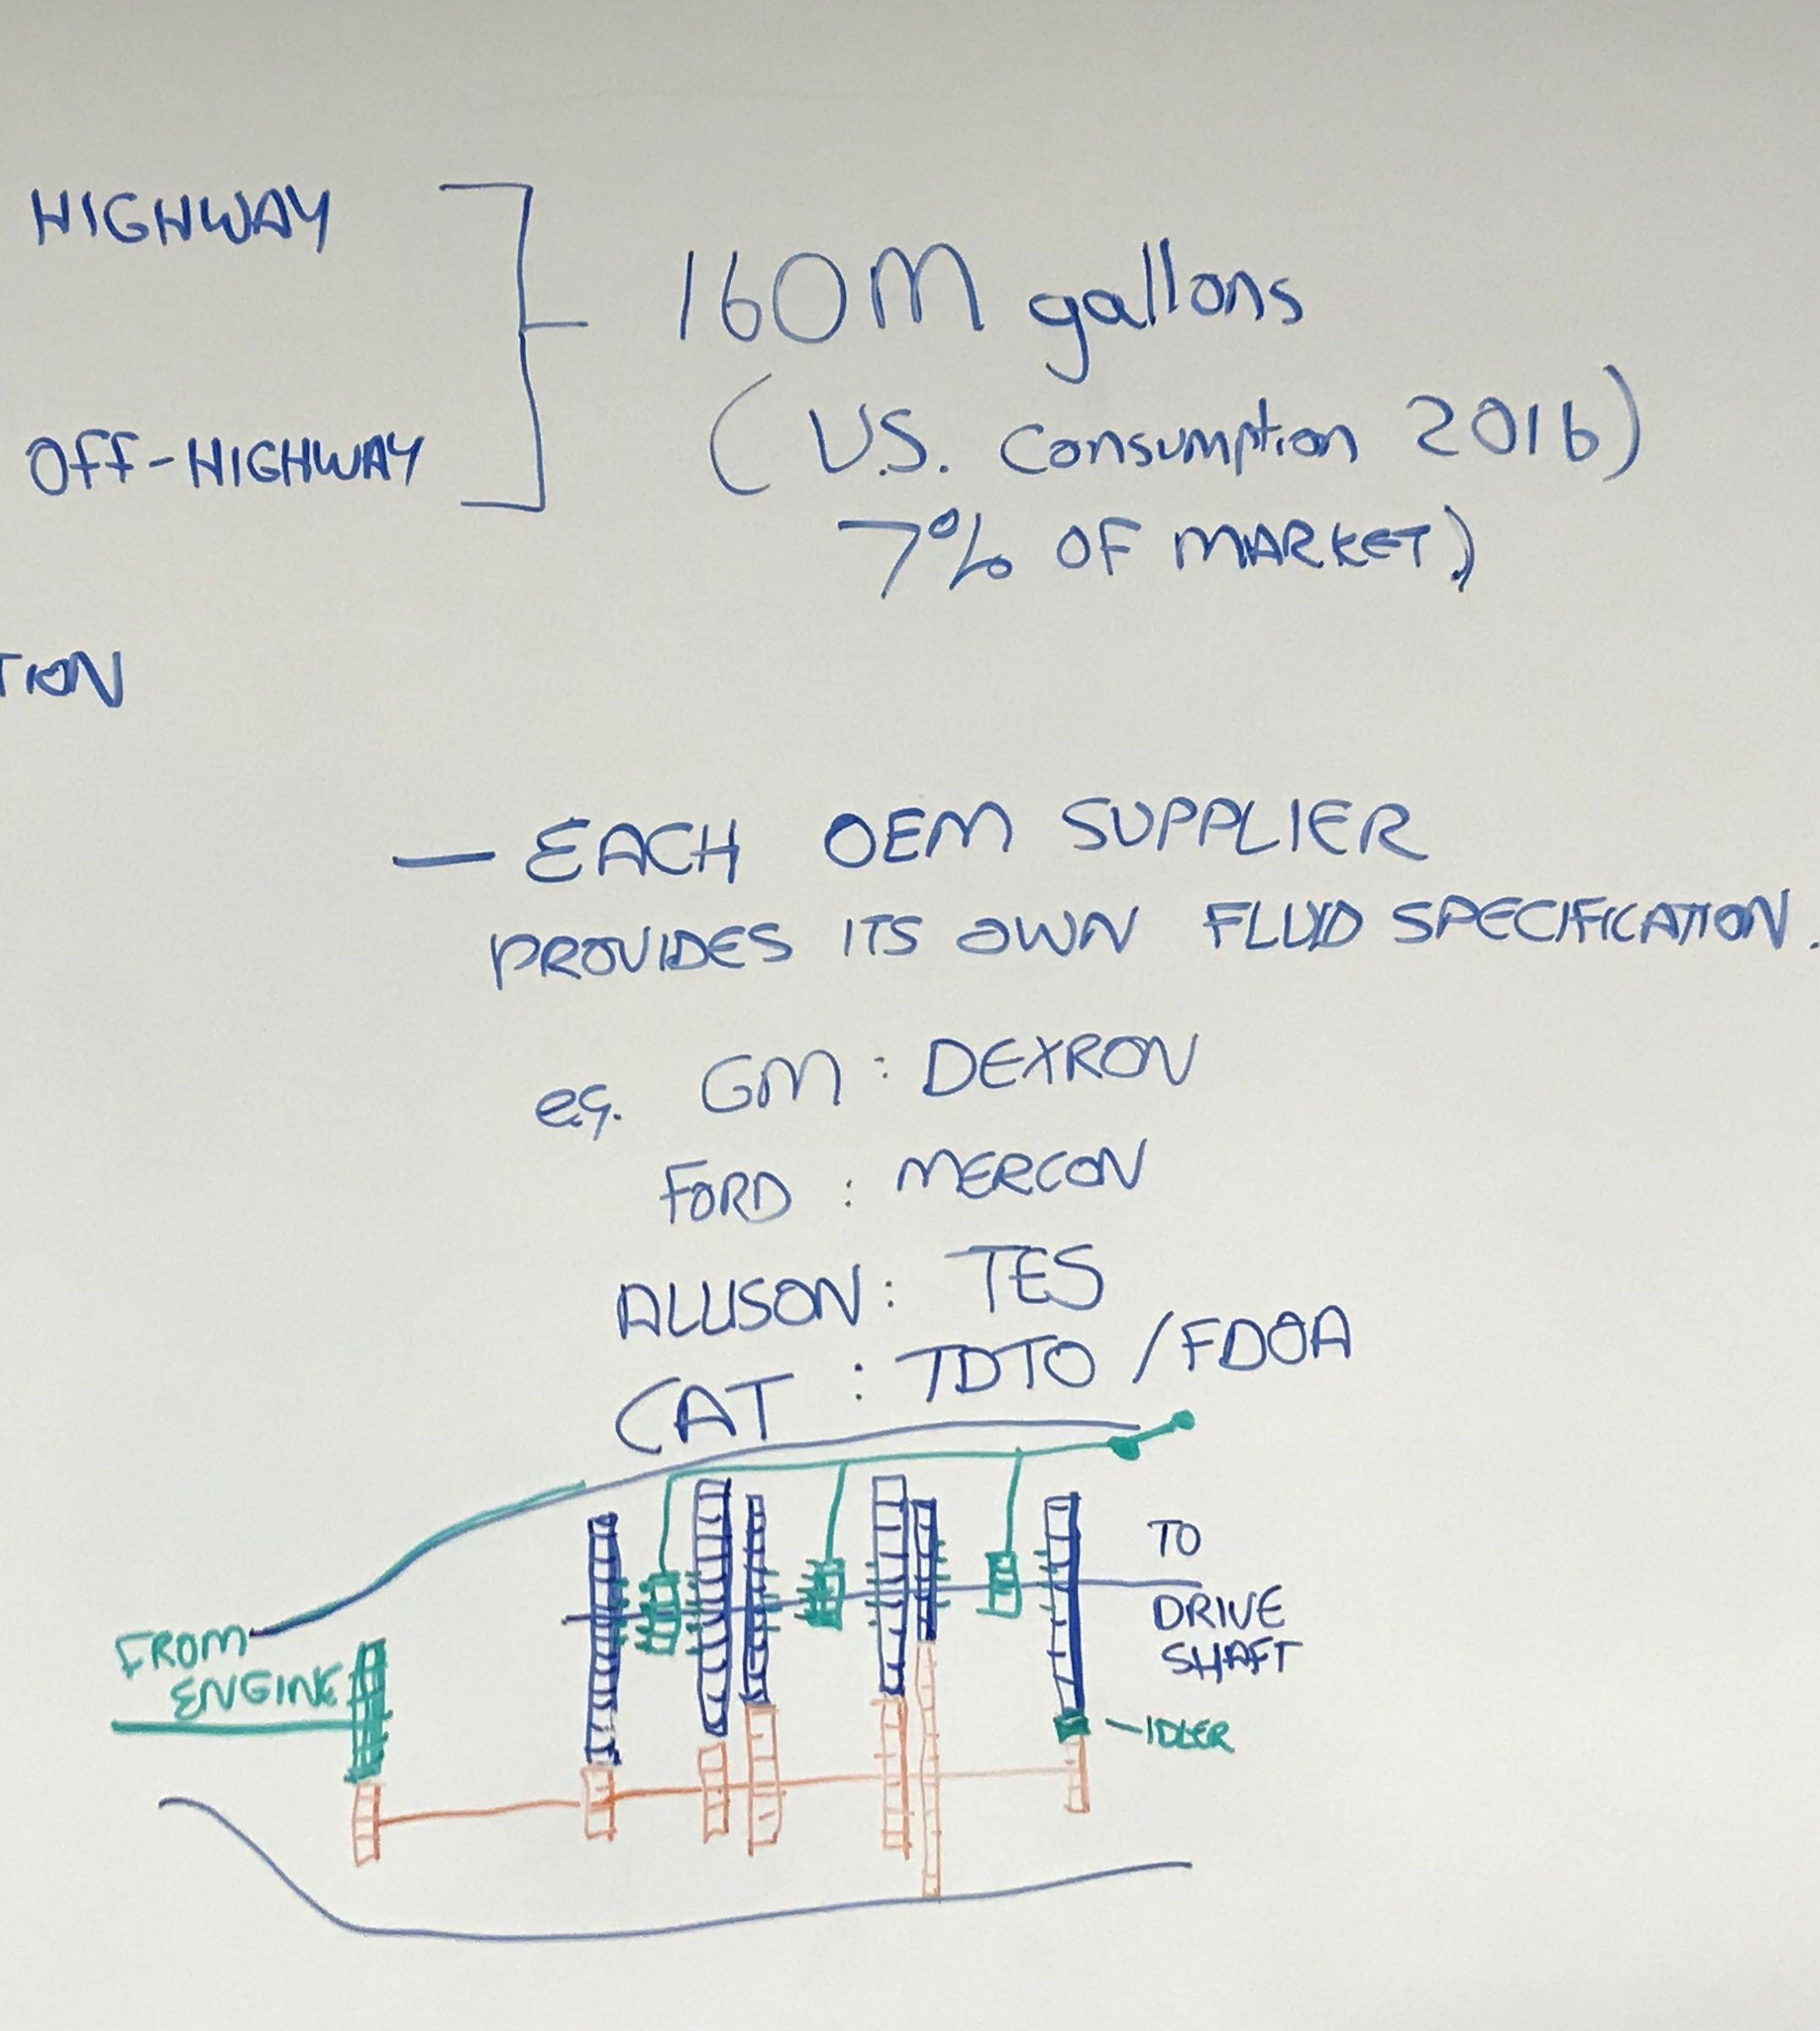 transmission 3 oil usage